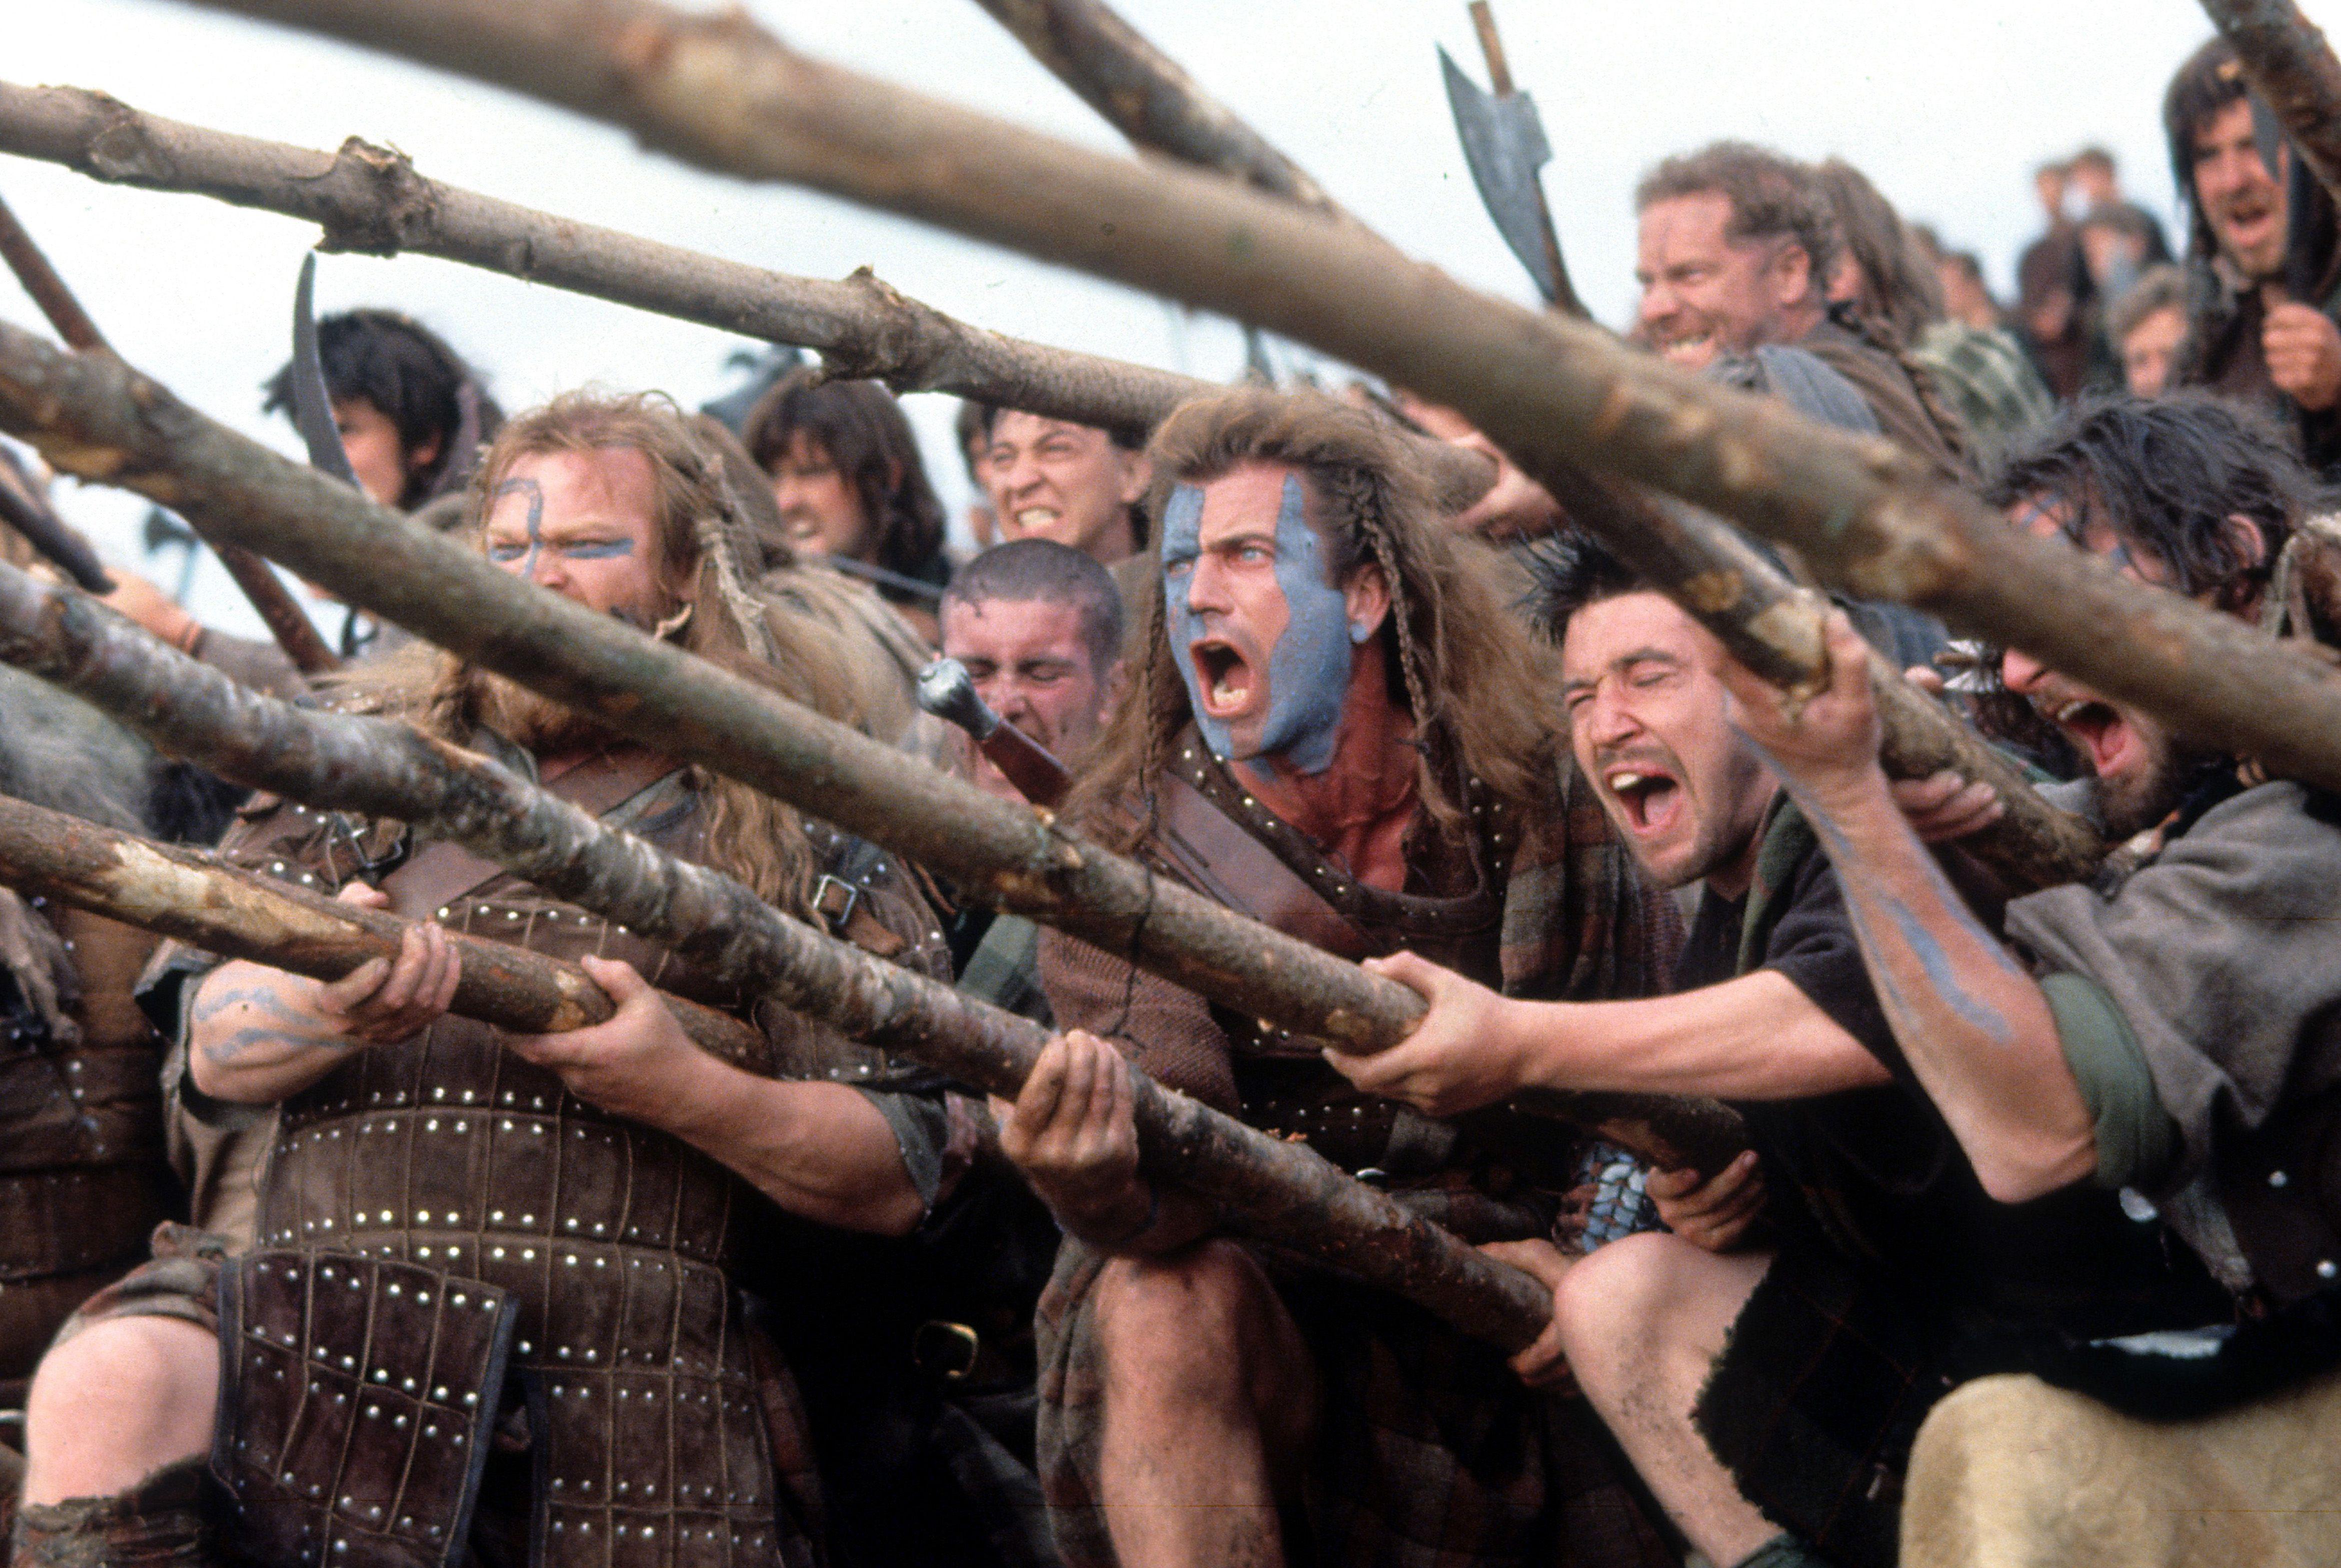 Todo lo que se inventó 'Braveheart' hace 25 años